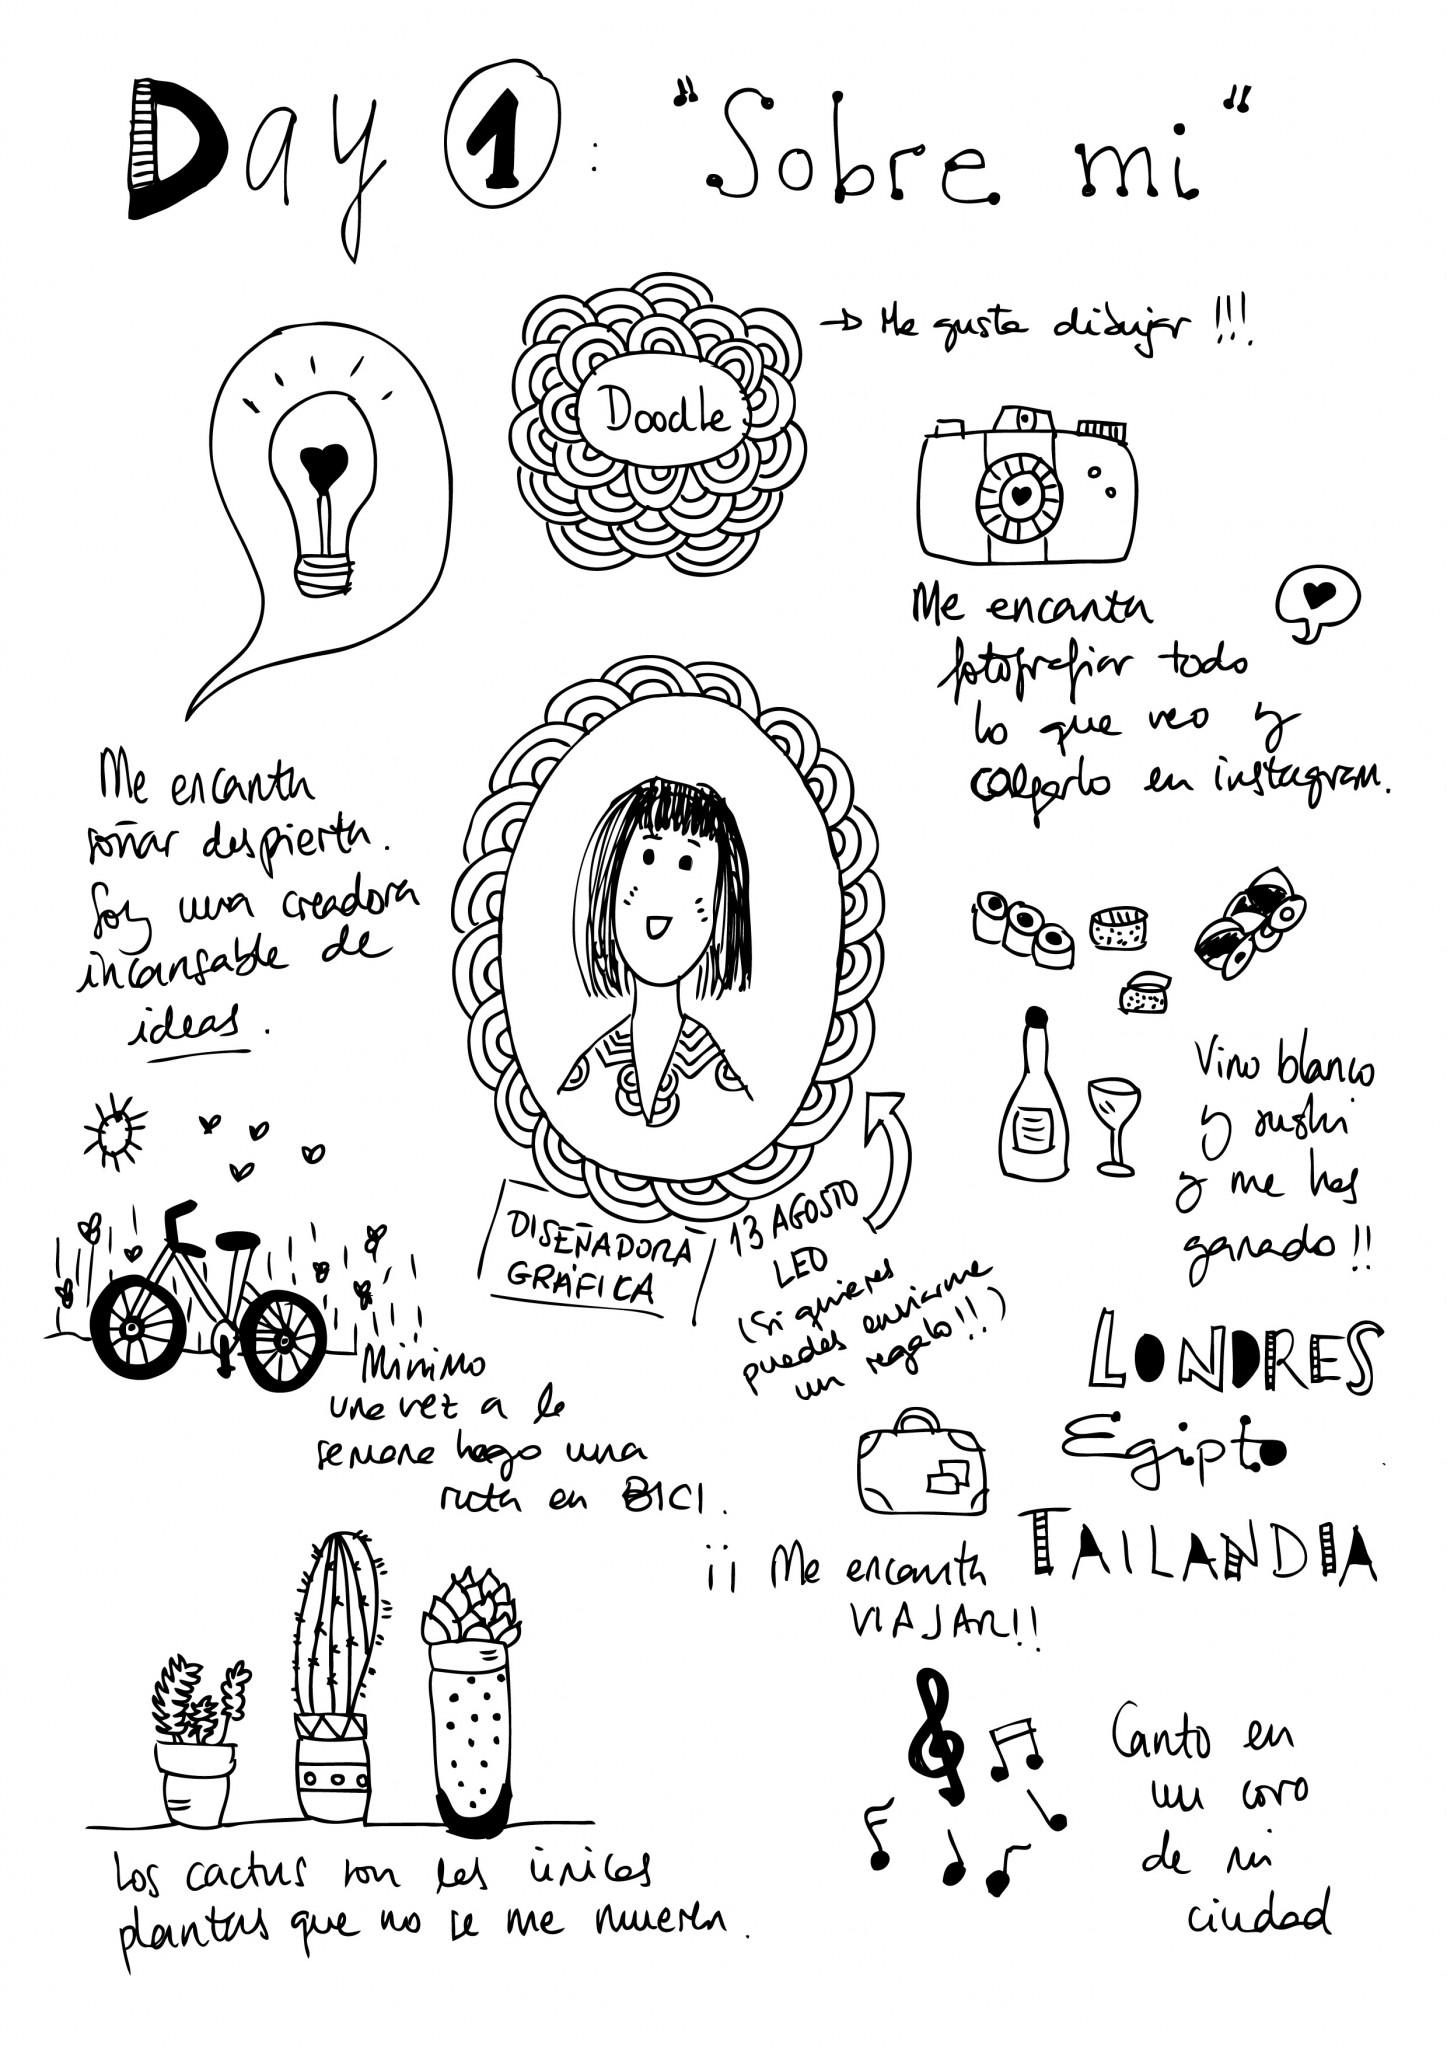 dibujar doodle